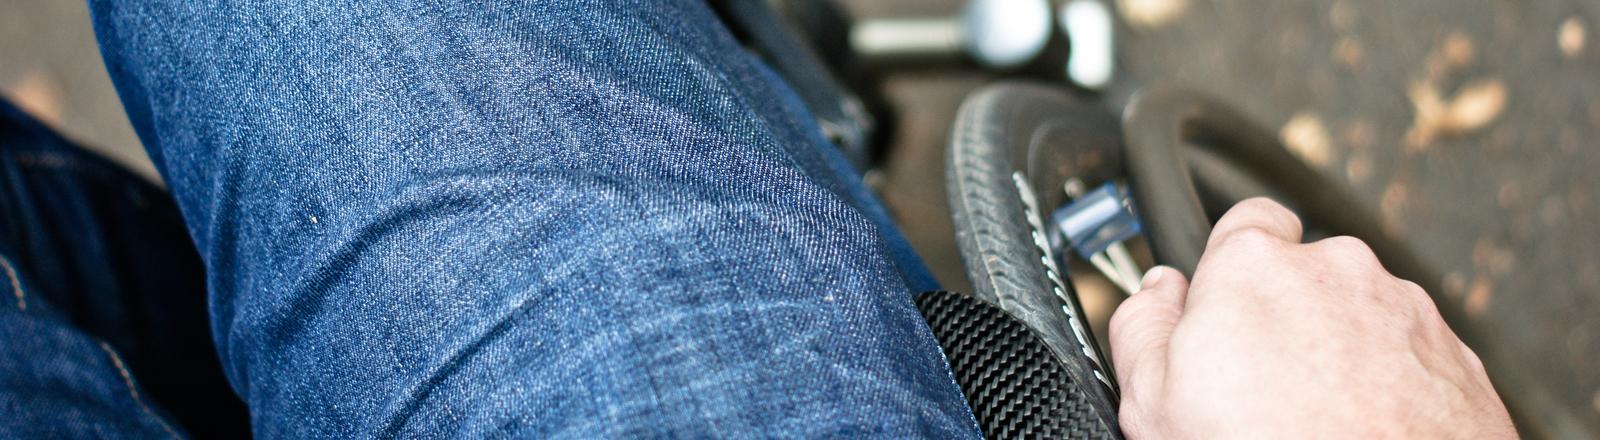 Mann im Rollstuhl, Detailaufnahme von seiner Hand am Rad.